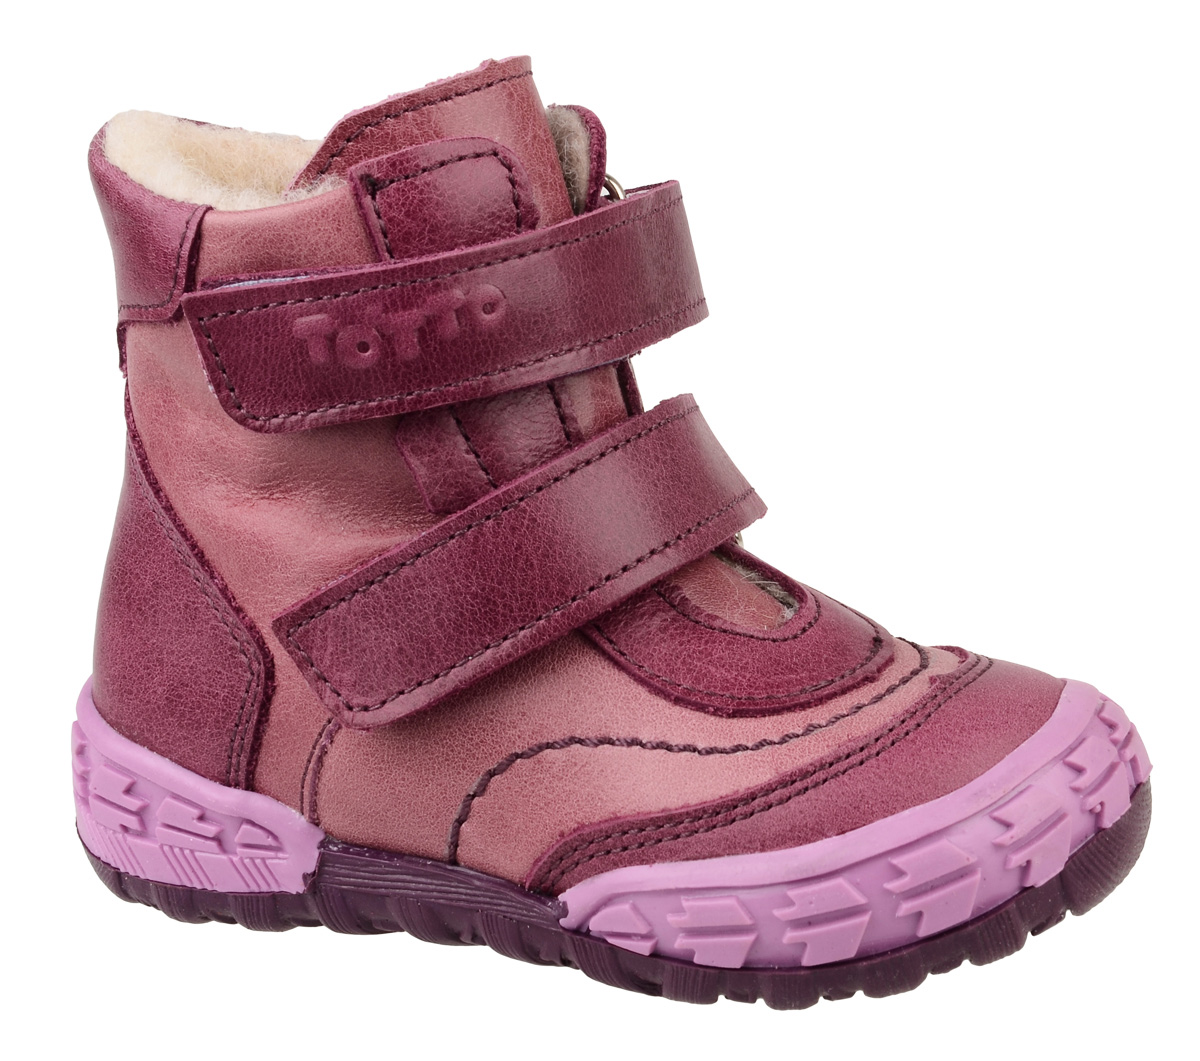 Ботинки для девочки Тотто, цвет: бордовый, сиреневый. 133-БП. Размер 21133-БПБотинки для девочки Тотто - это ортопедическая обувь, которая помогает правильному формированию стопы ребенка. Такая обувь необходима в детском возрасте для коррекции стоп при плоскостопии и вальгусной деформации, а также для профилактики этих состояний. Она обеспечивает правильное распределение нагрузки на передний отдел стопы и пятку, за счет чего малыш лучше удерживает равновесие и чувствует себя более уверенно. Обувь Тотто идеально подходит для детей, которые только начали ходить.Верх ботинок выполнен из натуральной кожи. Подошва изготовлена из легкого, гибкого и прочного термопластичного материала, она смягчает удары от соприкосновения обуви с поверхностью, защищая детскую ножку от травм. Протектор подошвы обеспечивает надежное сцепление с землей или асфальтом. Внутренняя поверхность отделана байкой. Ботинки застегиваются с помощью ремешков на липучки, благодаря которым можно регулировать объем обуви. Весь модельный ряд Тотто характеризует: плотный захват голеностопа, мягкие нейтрализующие швы, жесткий задник продлен до середины стопы, стельки со сводоподдерживающим эффектом, натуральная кожа.